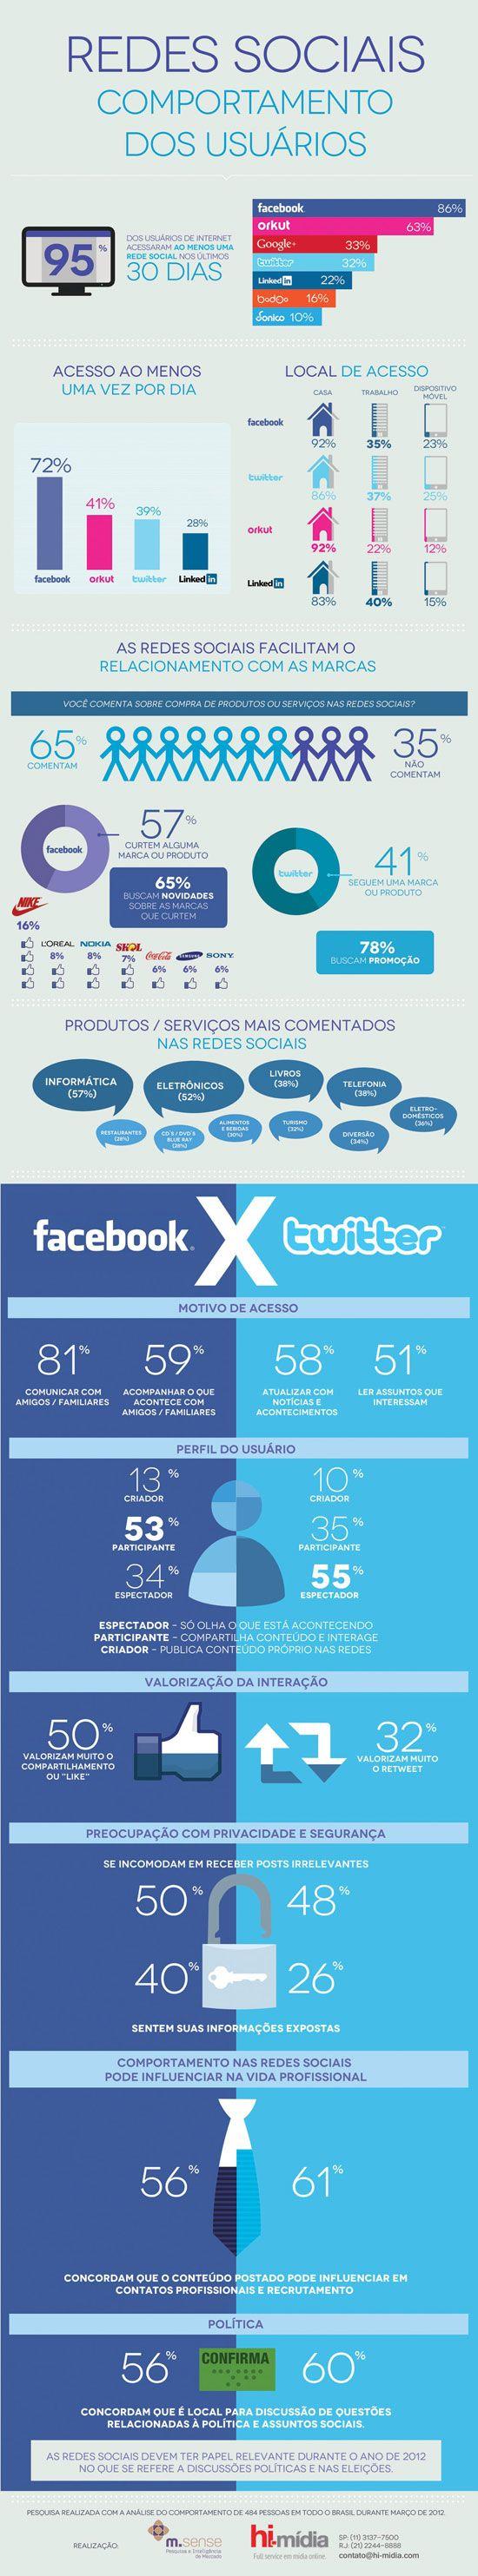 Infográfico - Comportamento dos usuários de redes sociais